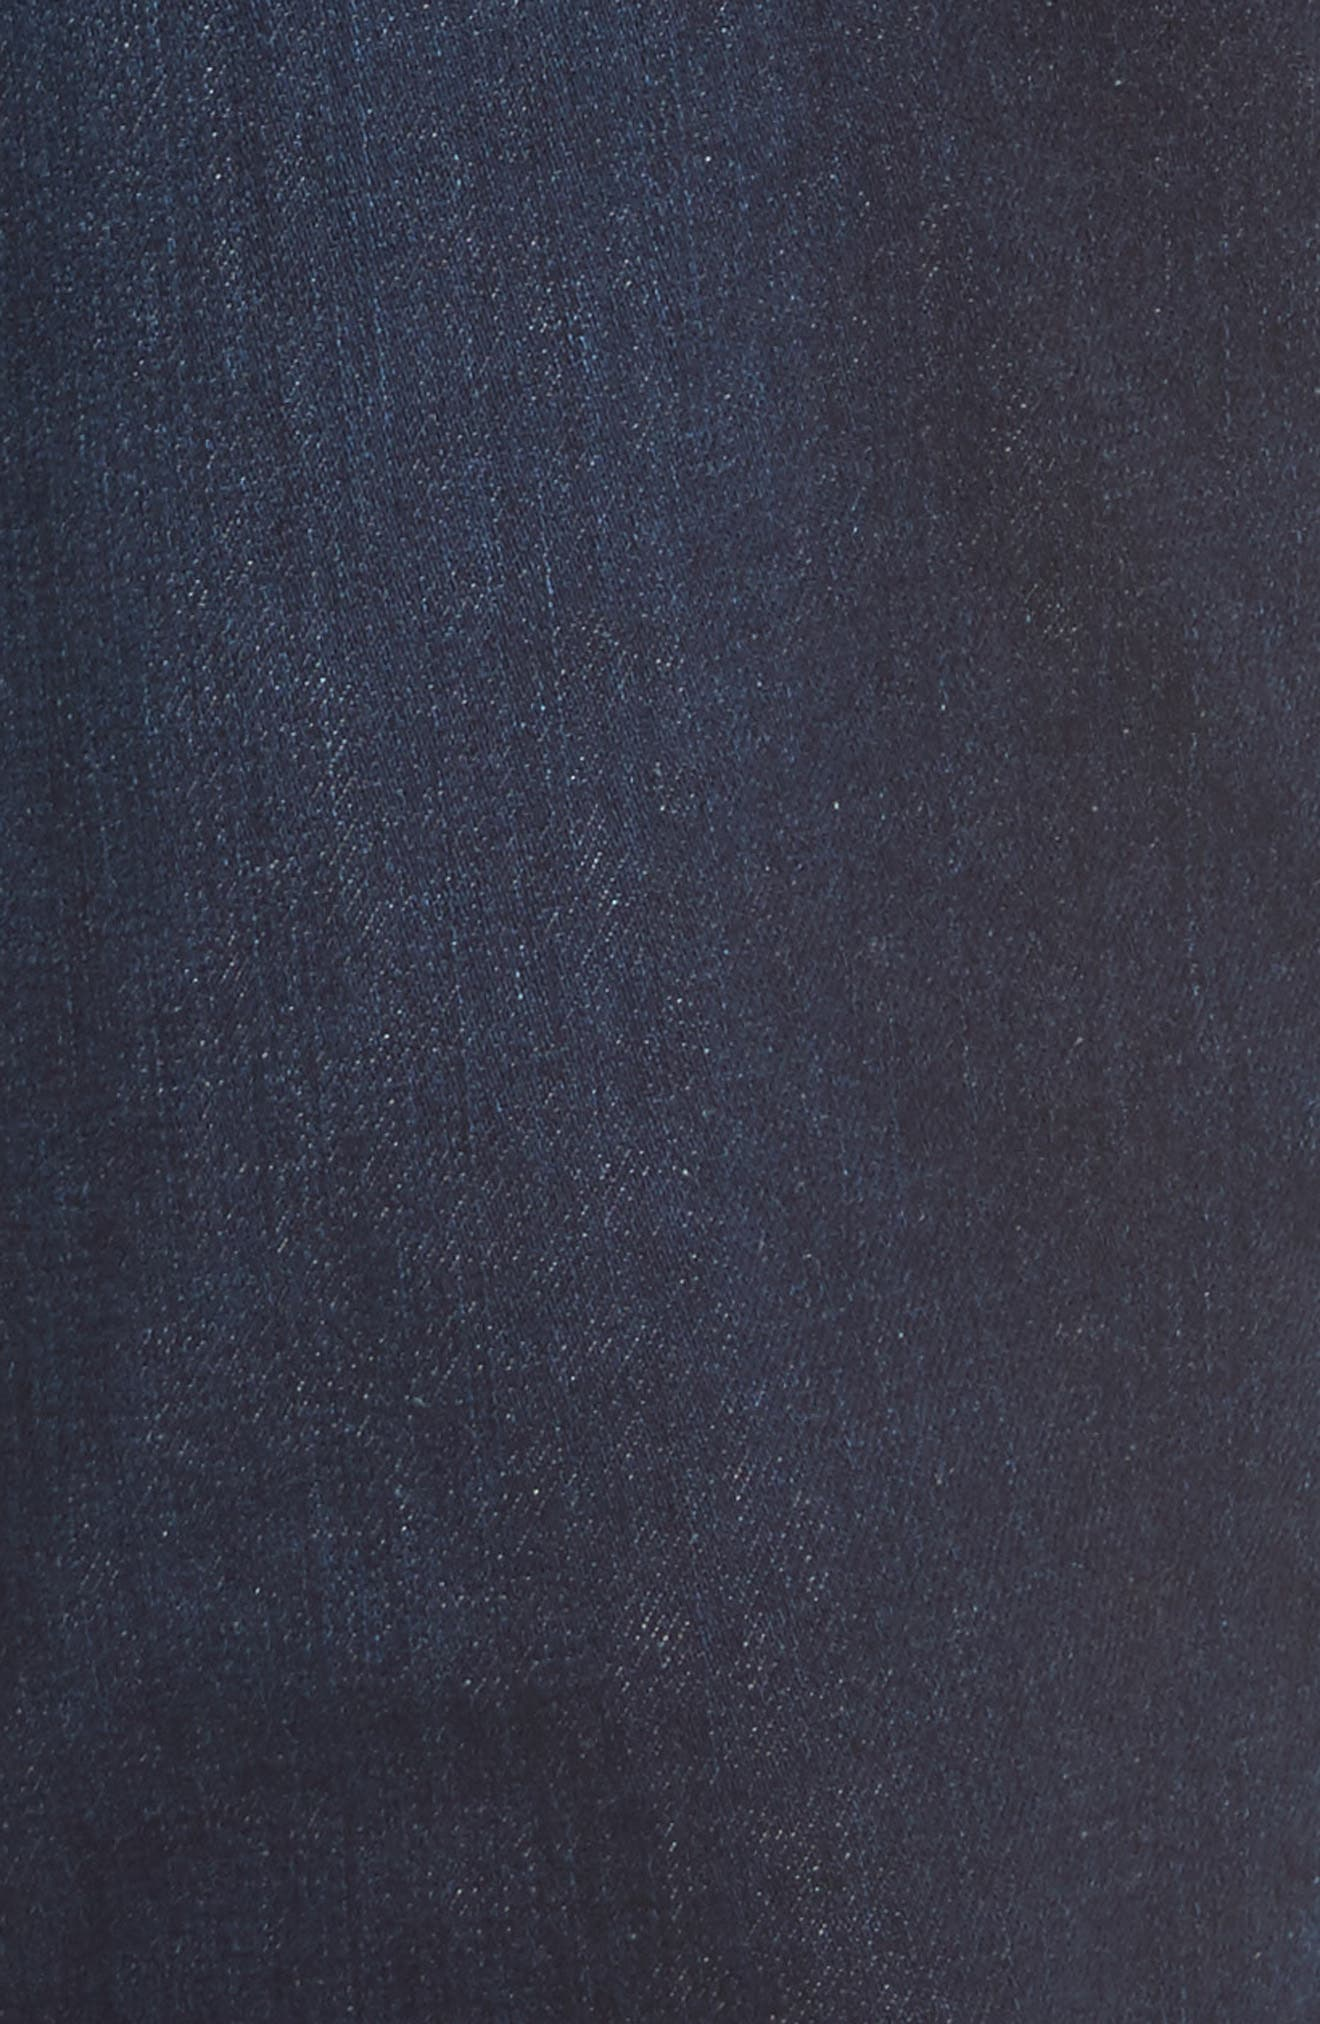 Stockton Skinny Fit Jeans,                             Alternate thumbnail 5, color,                             482